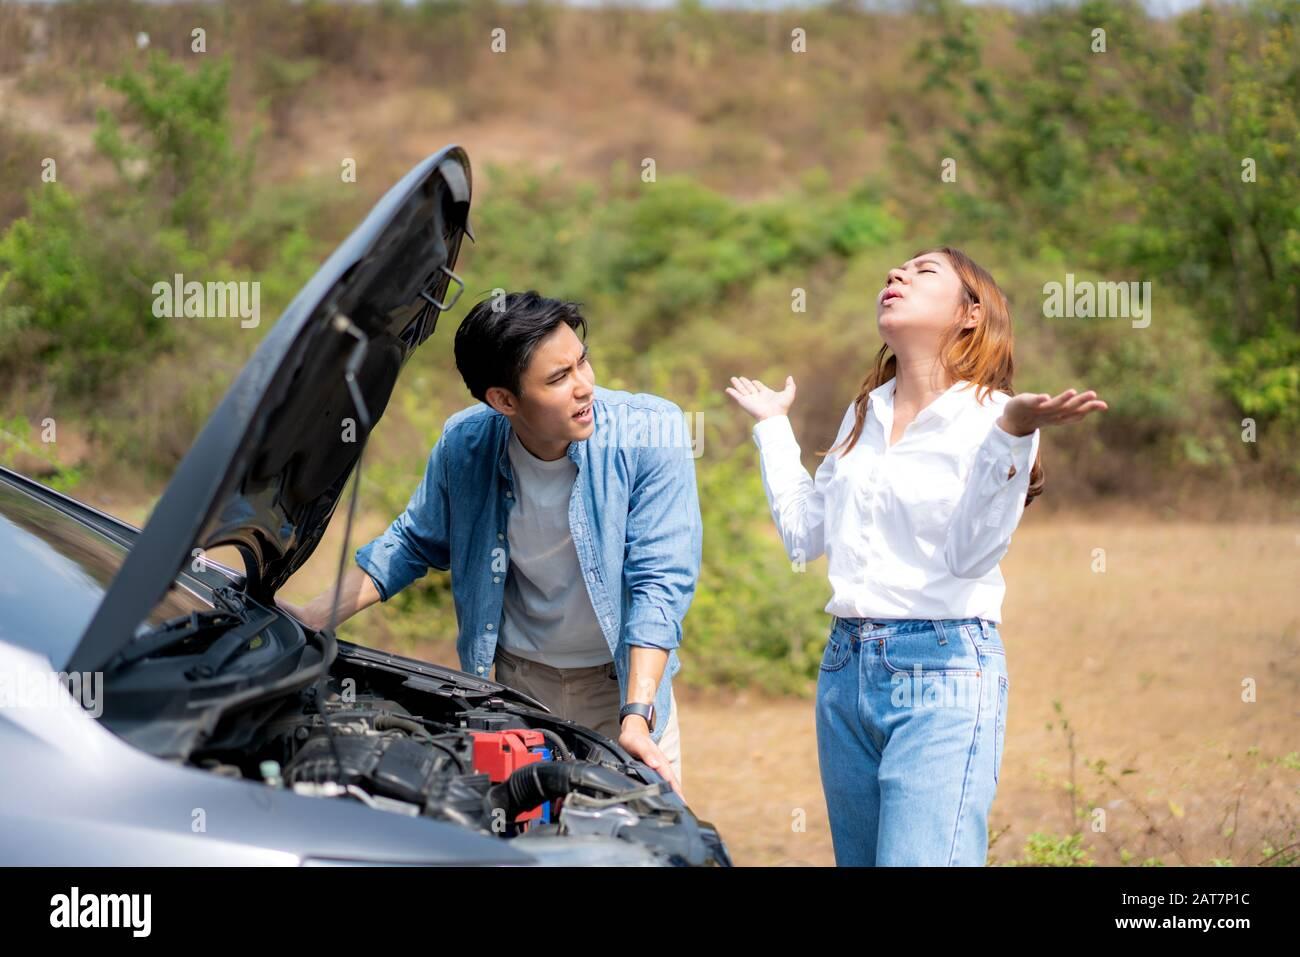 Un jeune couple asiatique avec un homme et une femme sur la route ayant un problème de panne de moteur de voiture sur la route et une femme regardant le stress quand un homme ne peut pas se représenter Banque D'Images